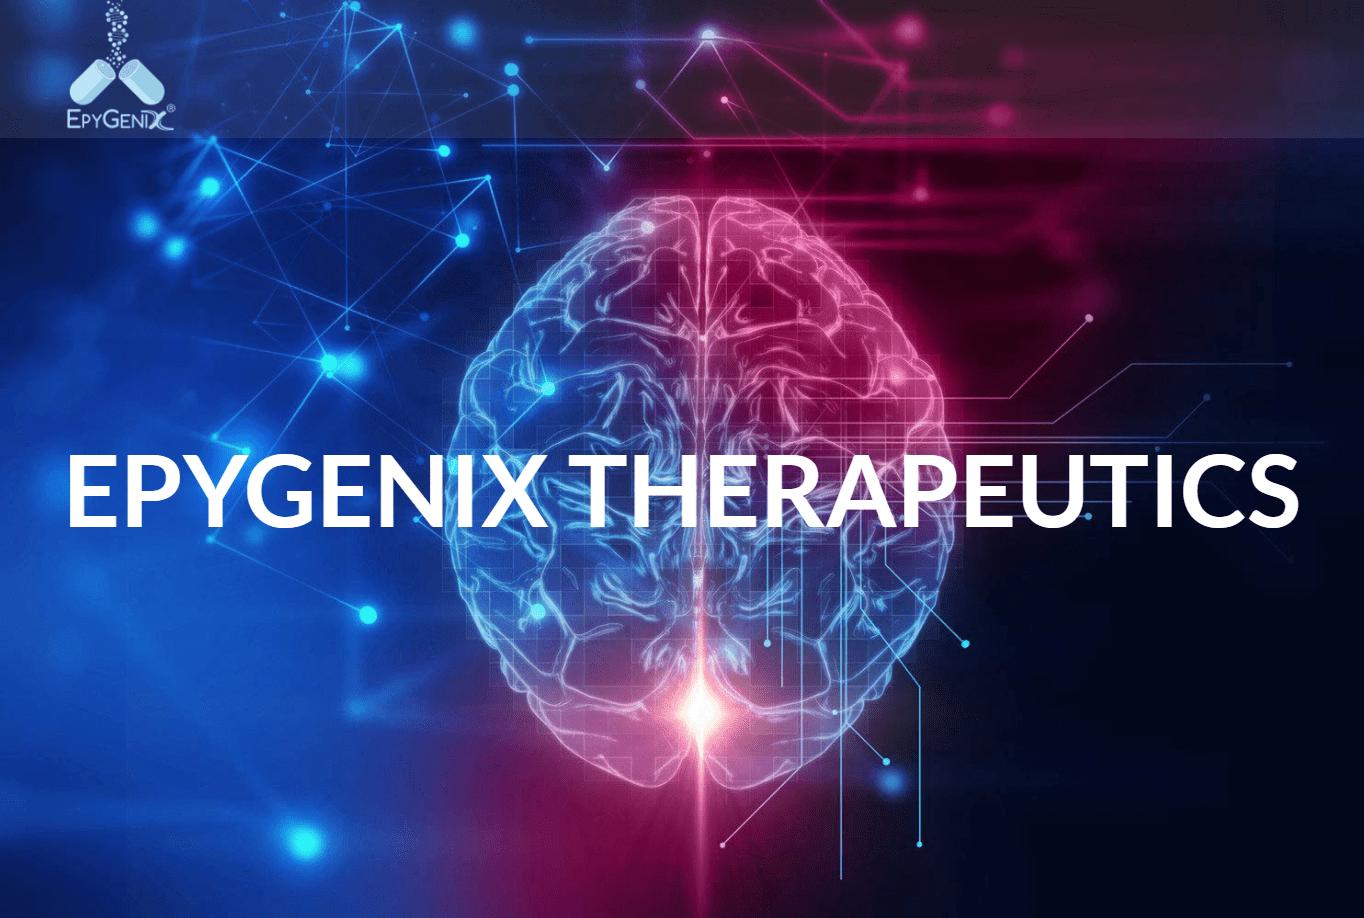 Epygenix Therapeutics